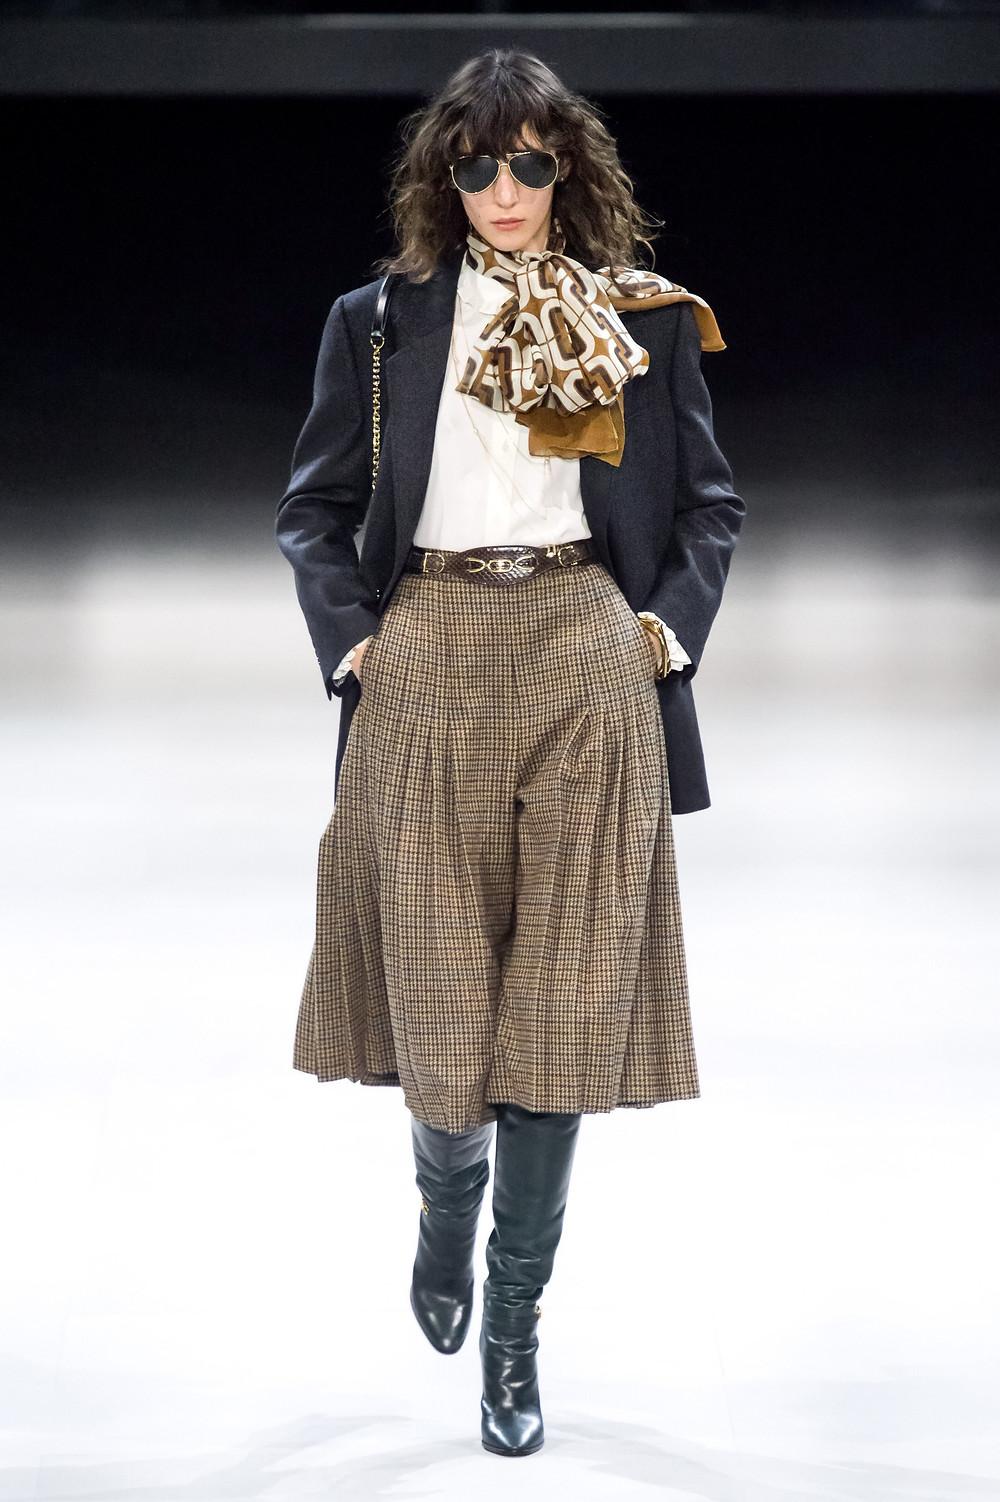 тренды сезона осень зима 2019 2020, стилистическое направление, аутентичный стиль 70-х, стильный образ